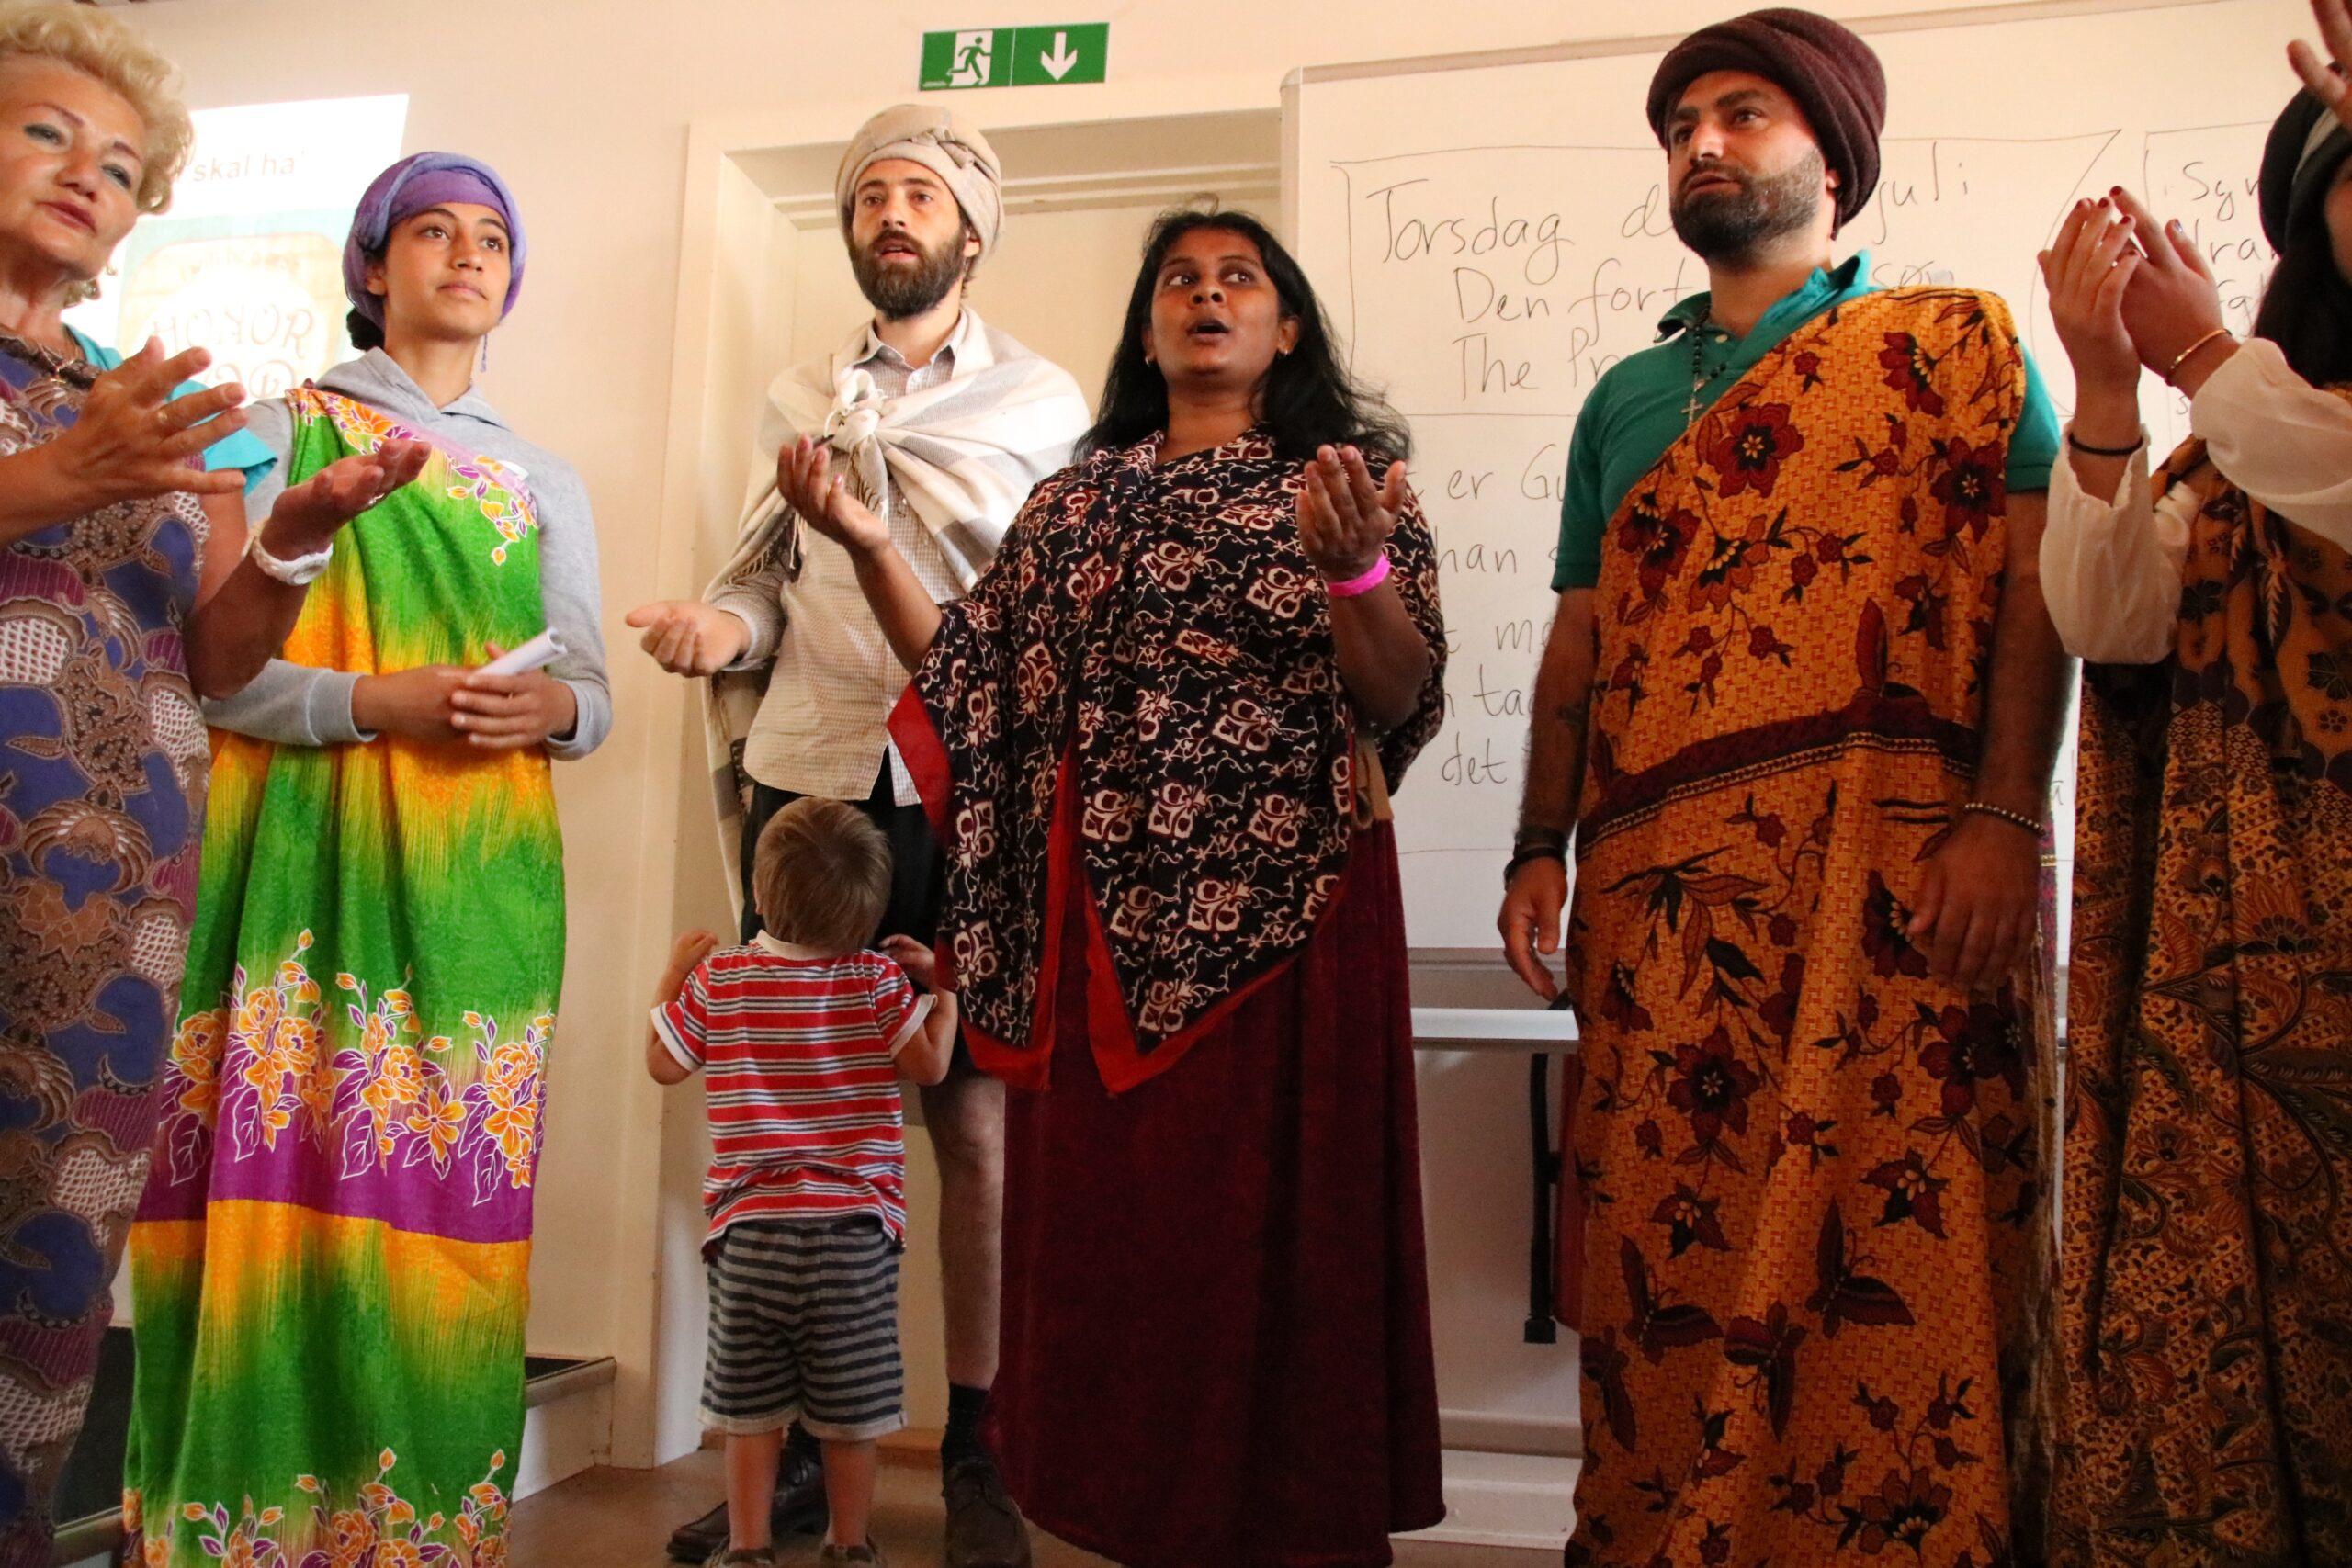 4 kvinder, 2 mænd og et barn er at se på billedet. De voksne mænd og kvinder står iført noget traditionelt tøj fra Indien. Barnet ser op til hans far.